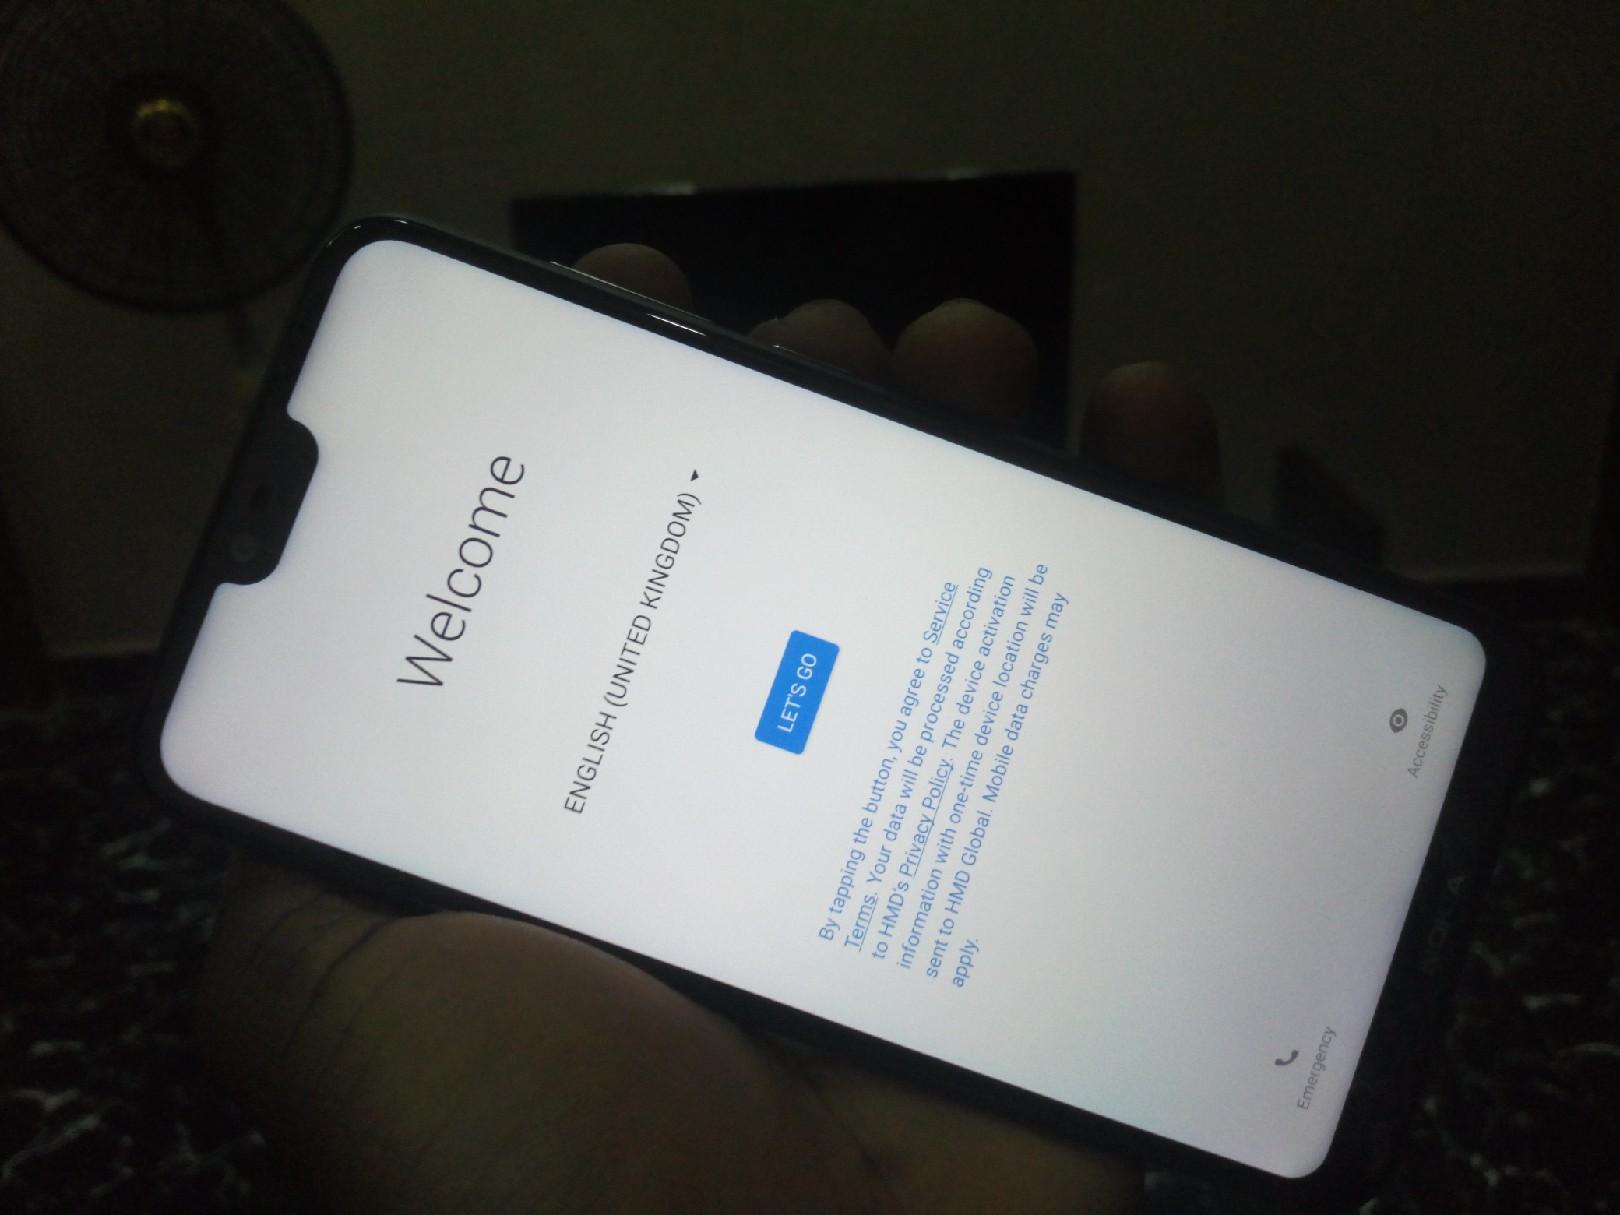 Nokia X6 Images